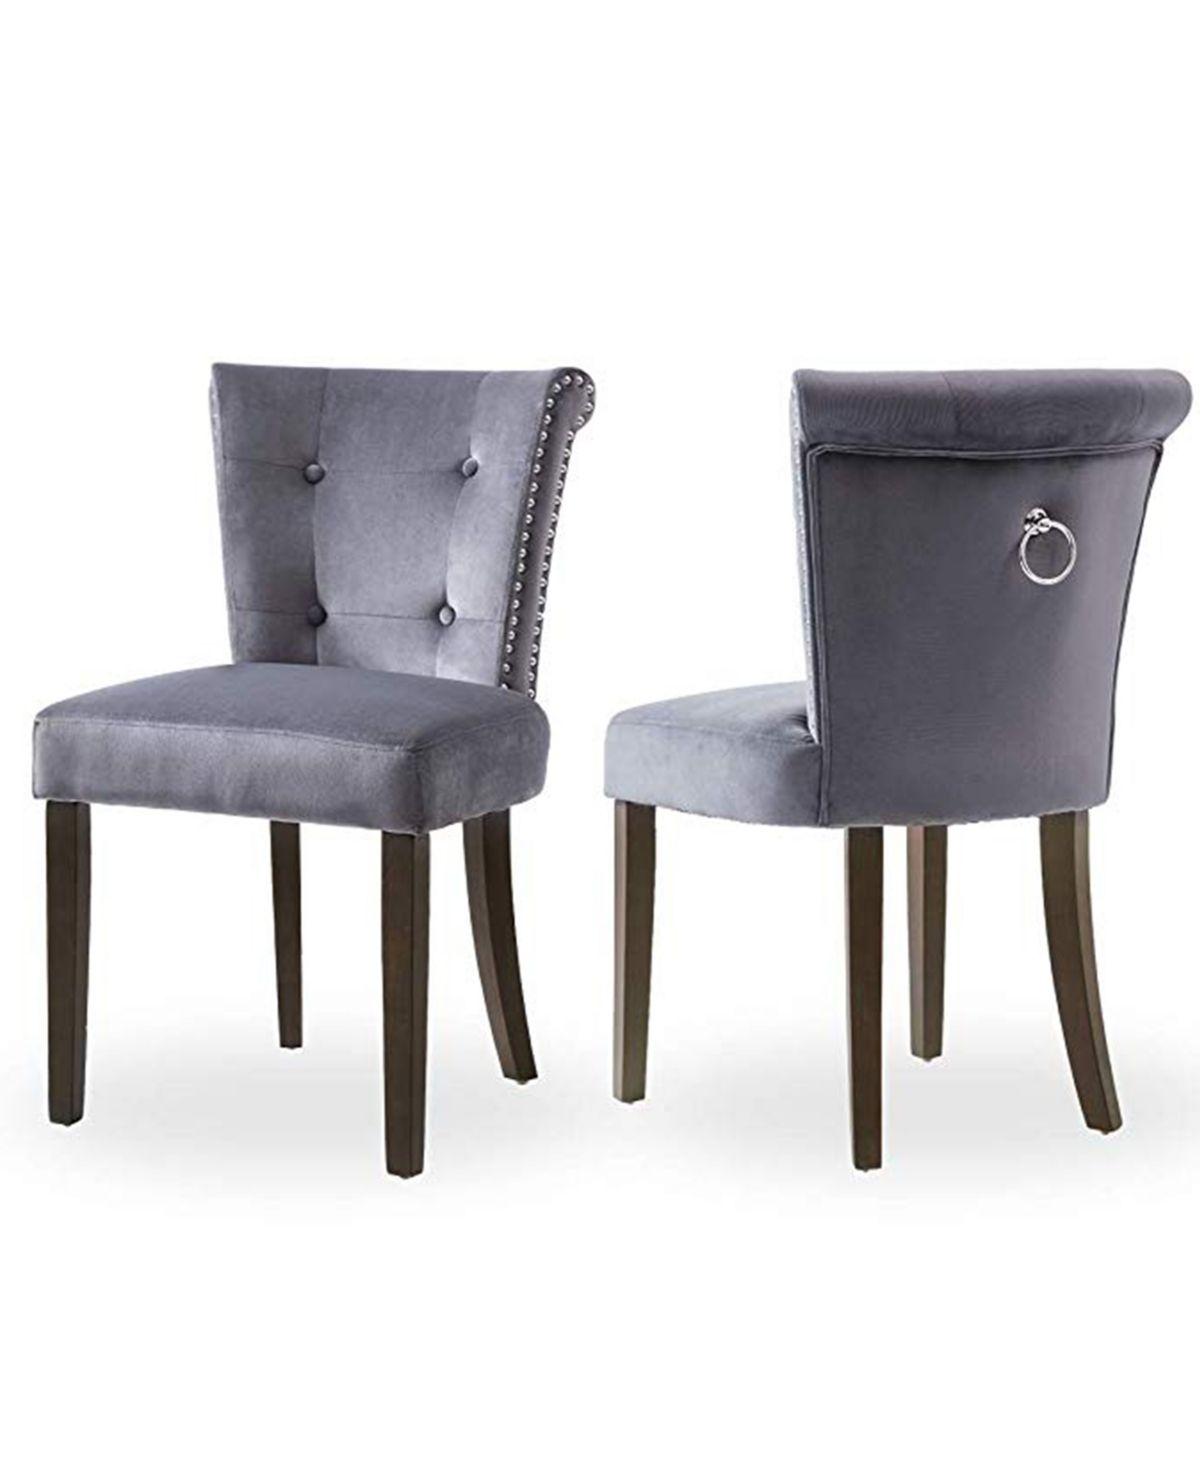 Best Harper Bright Designs Dining Chair Set Of 2 Dark Gray 640 x 480